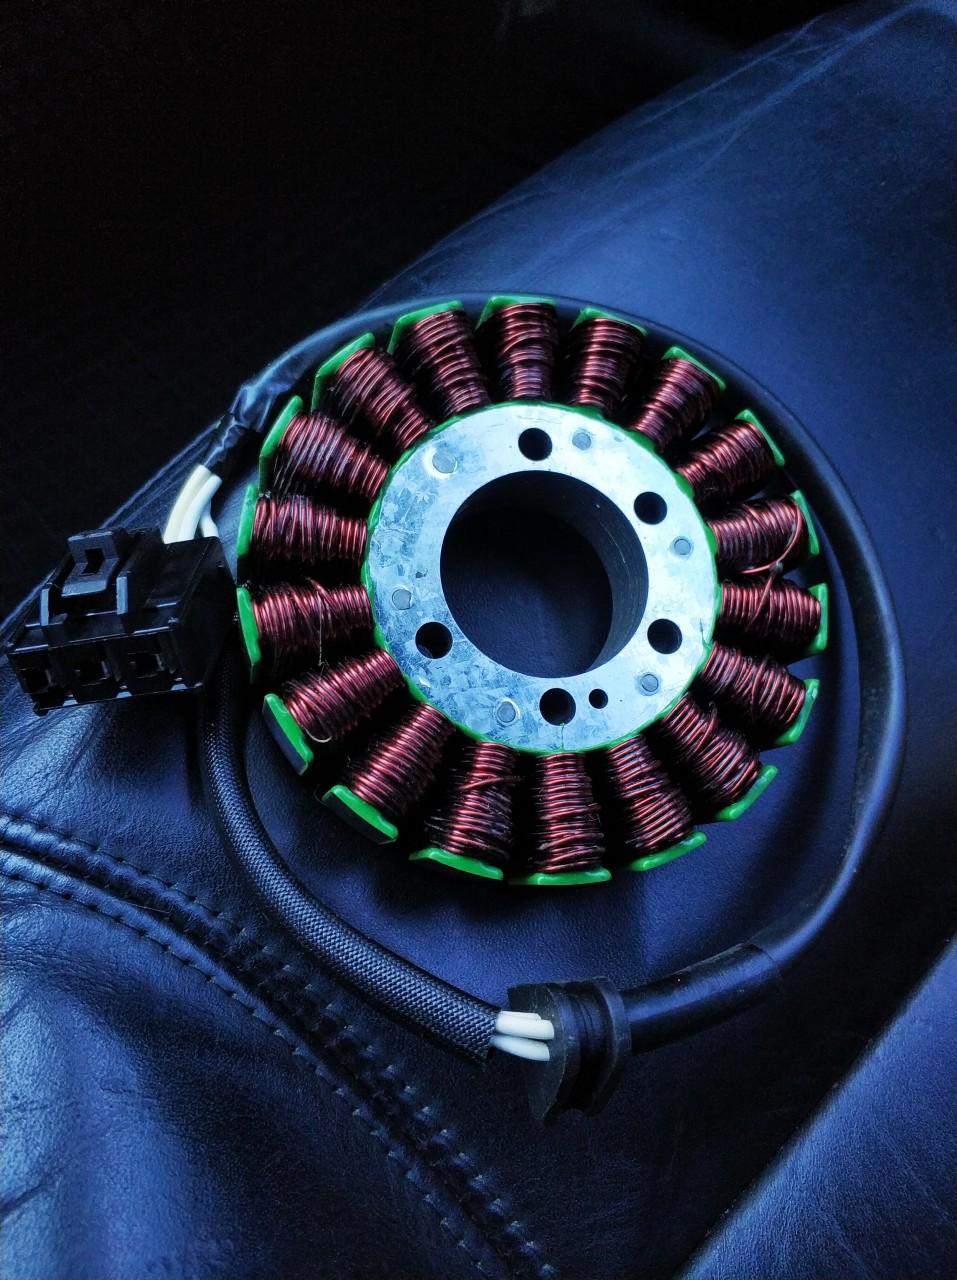 Bobina noua Yamaha Yzf 2006 - 2011 2012 2013 2014 stator alternator